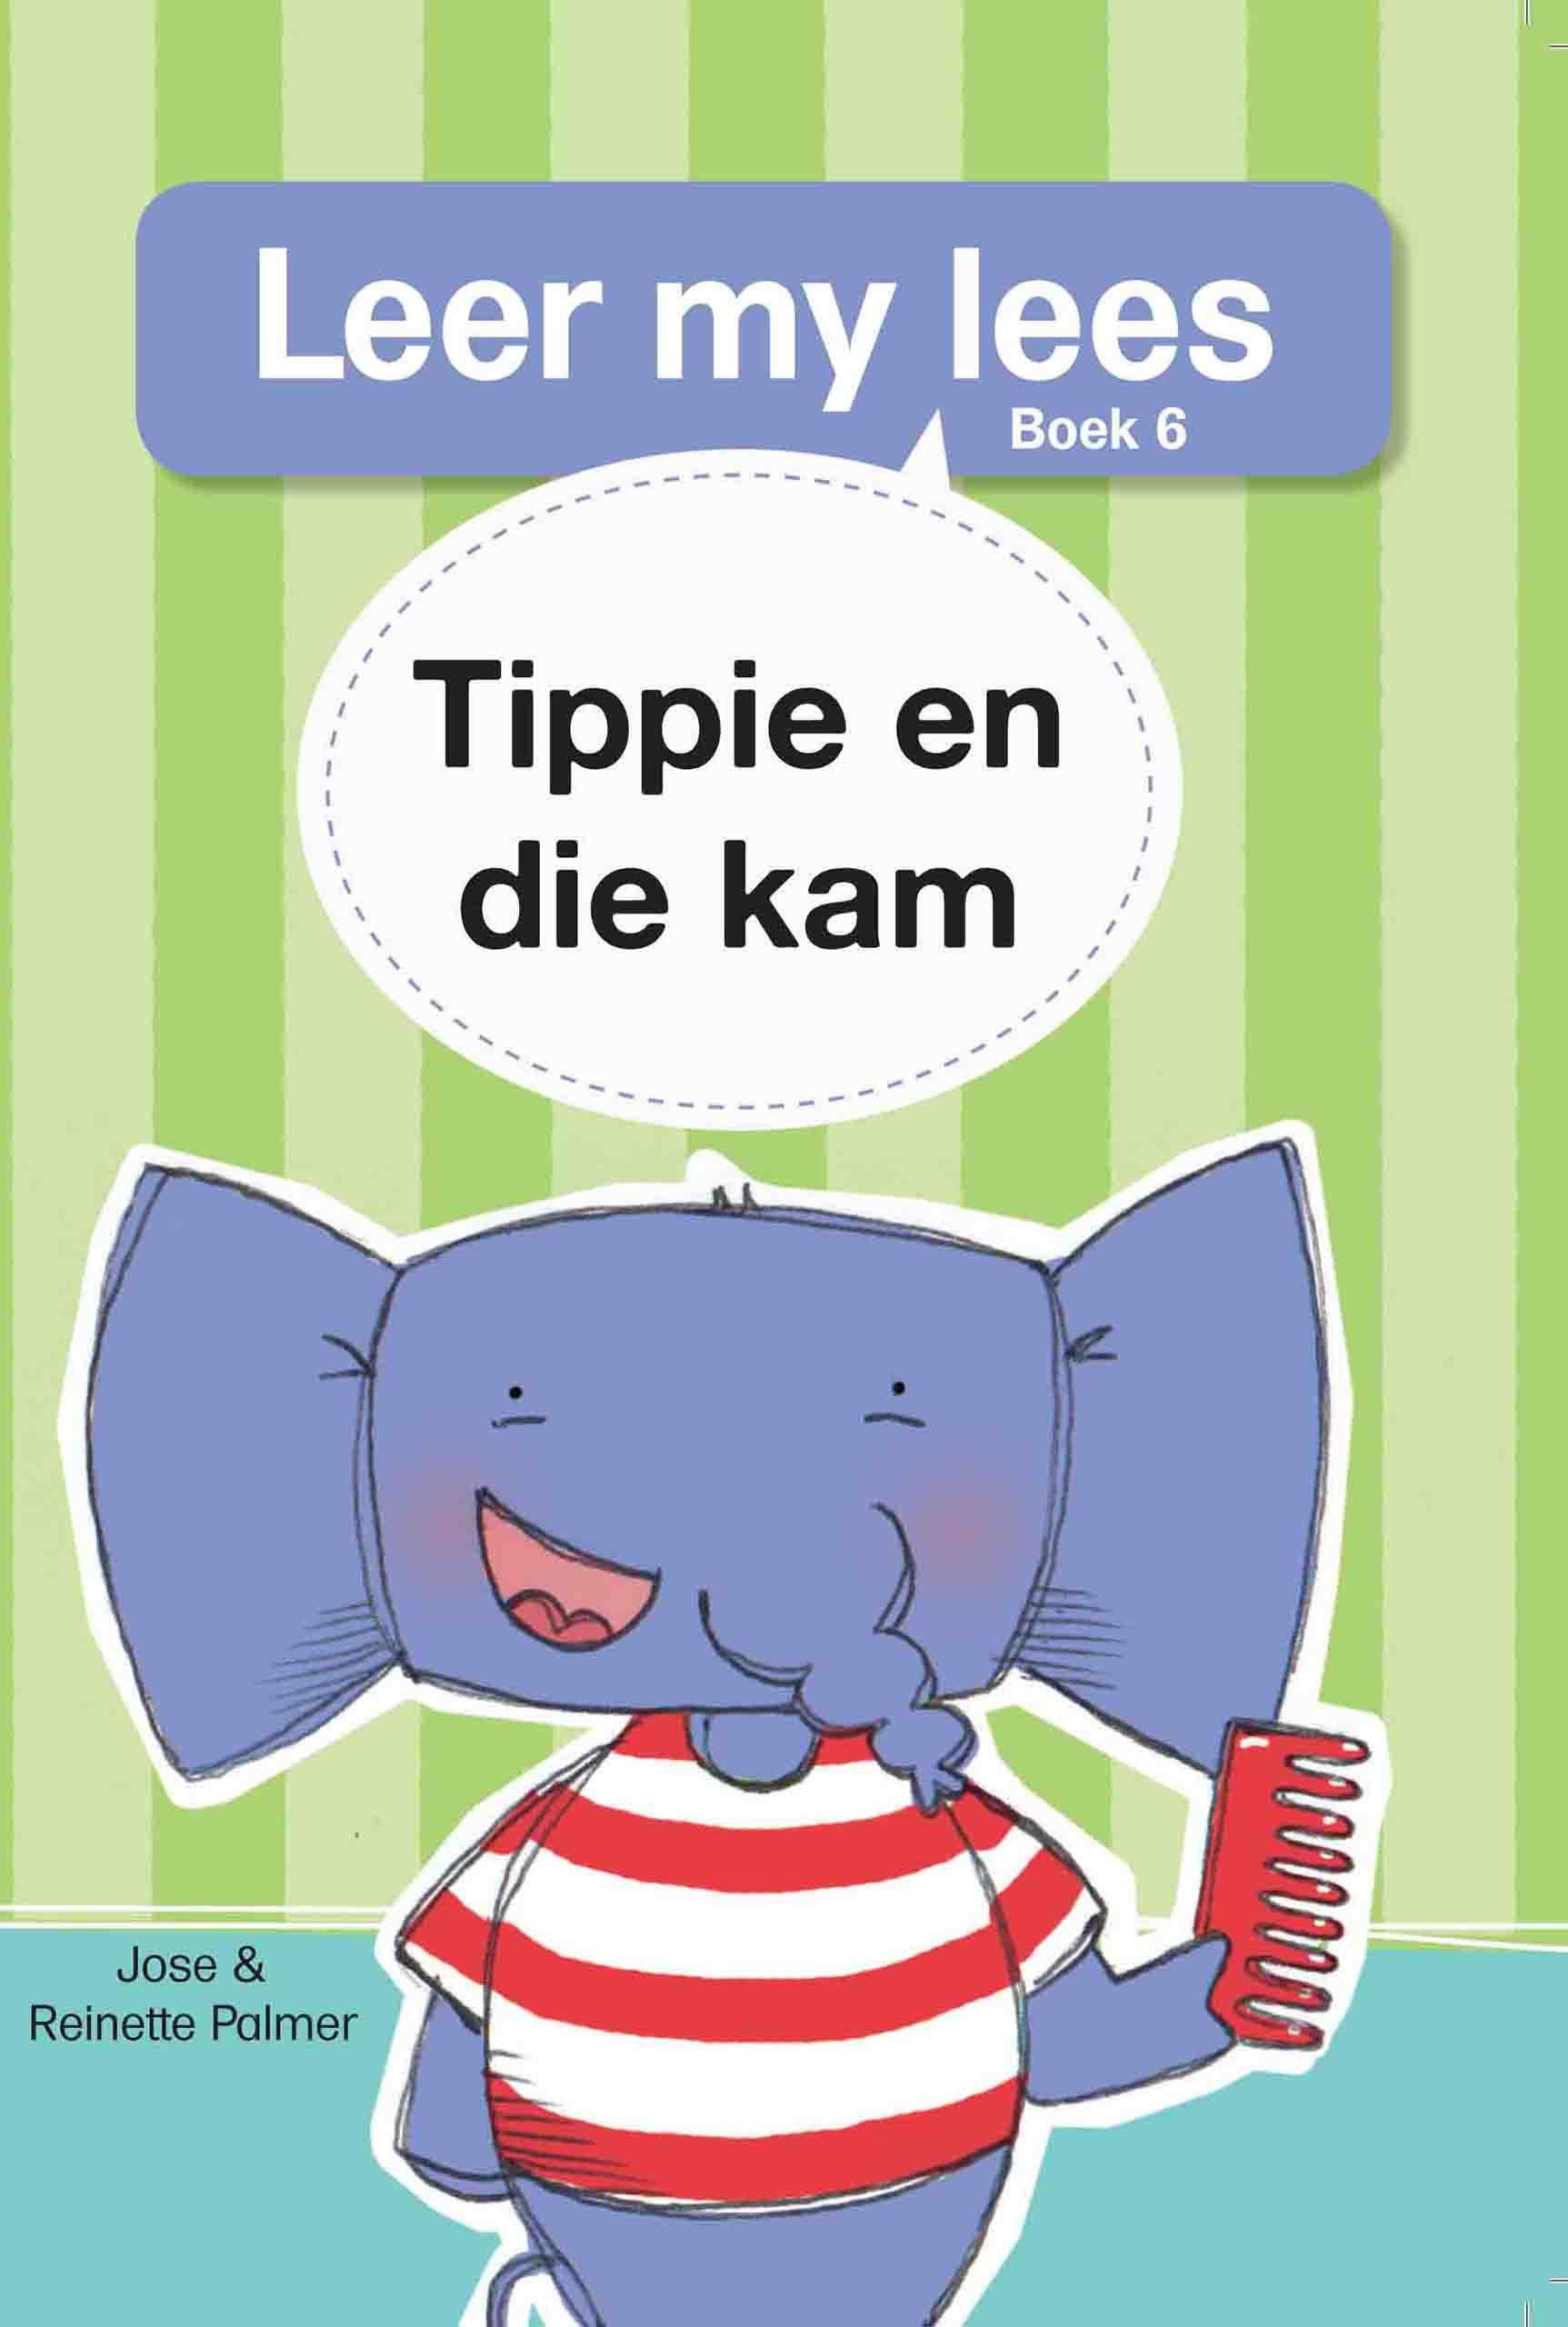 Picture of Tippie en die kam